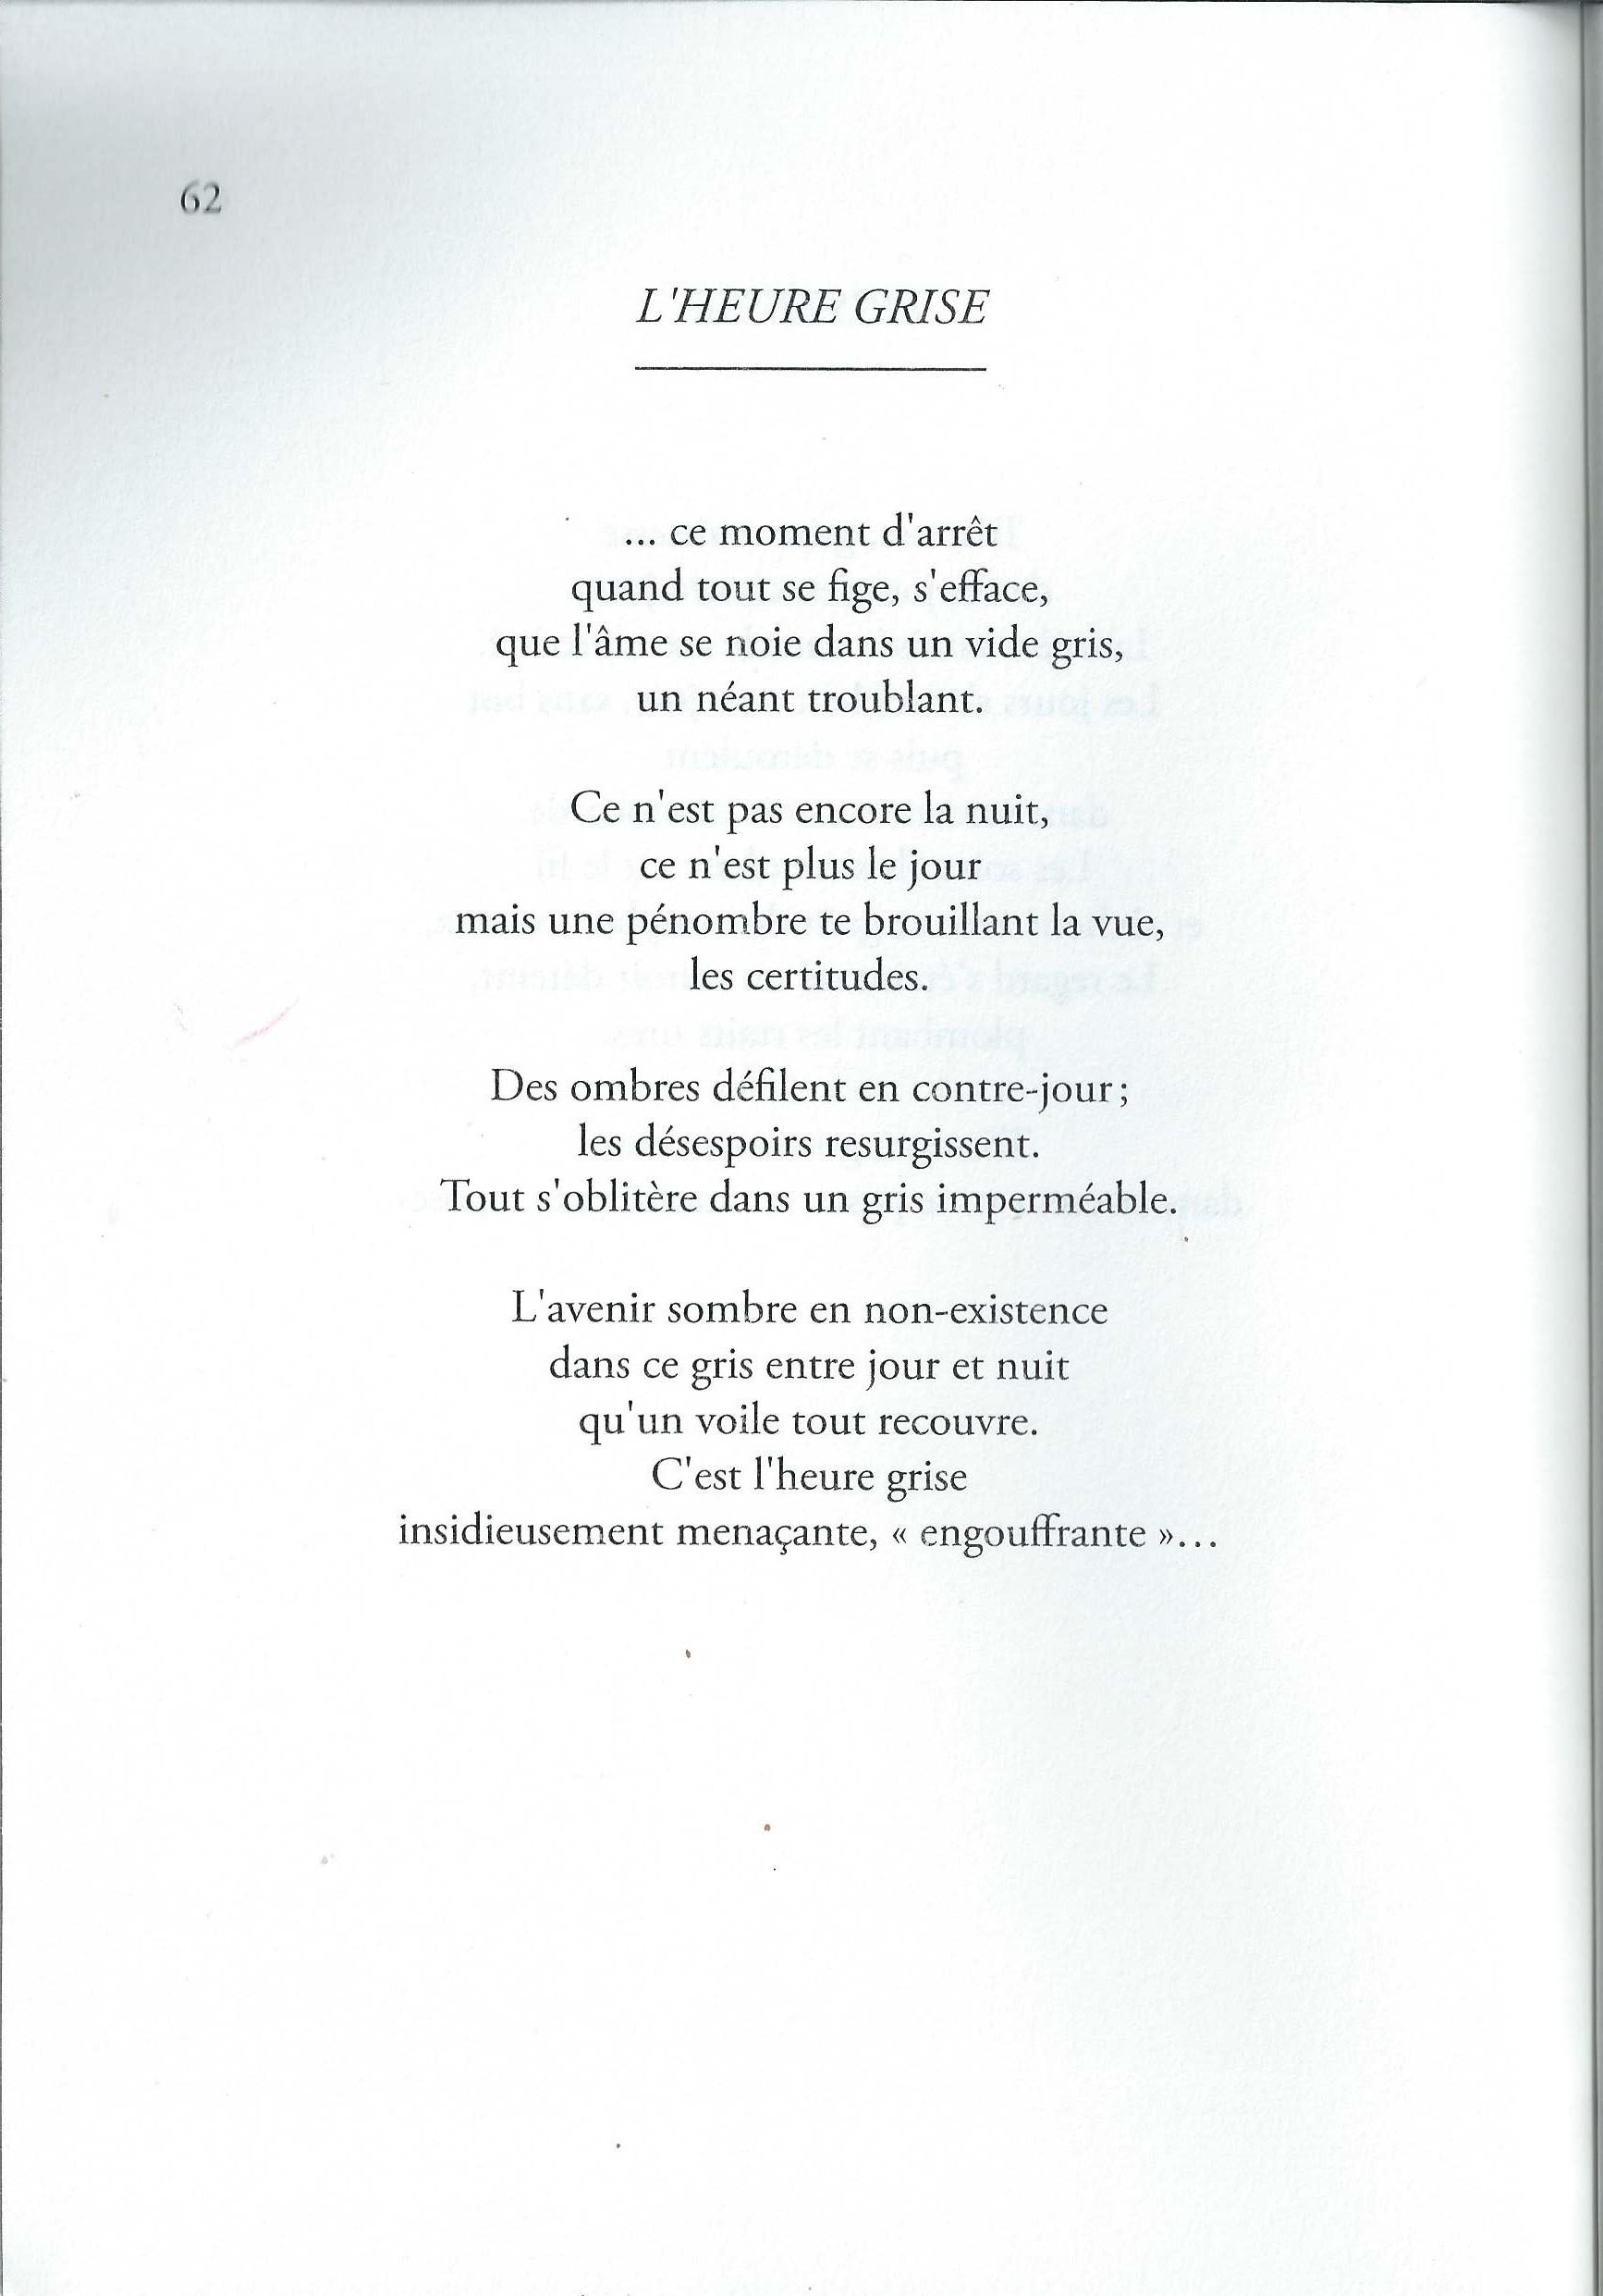 poeme qui exprime la joie